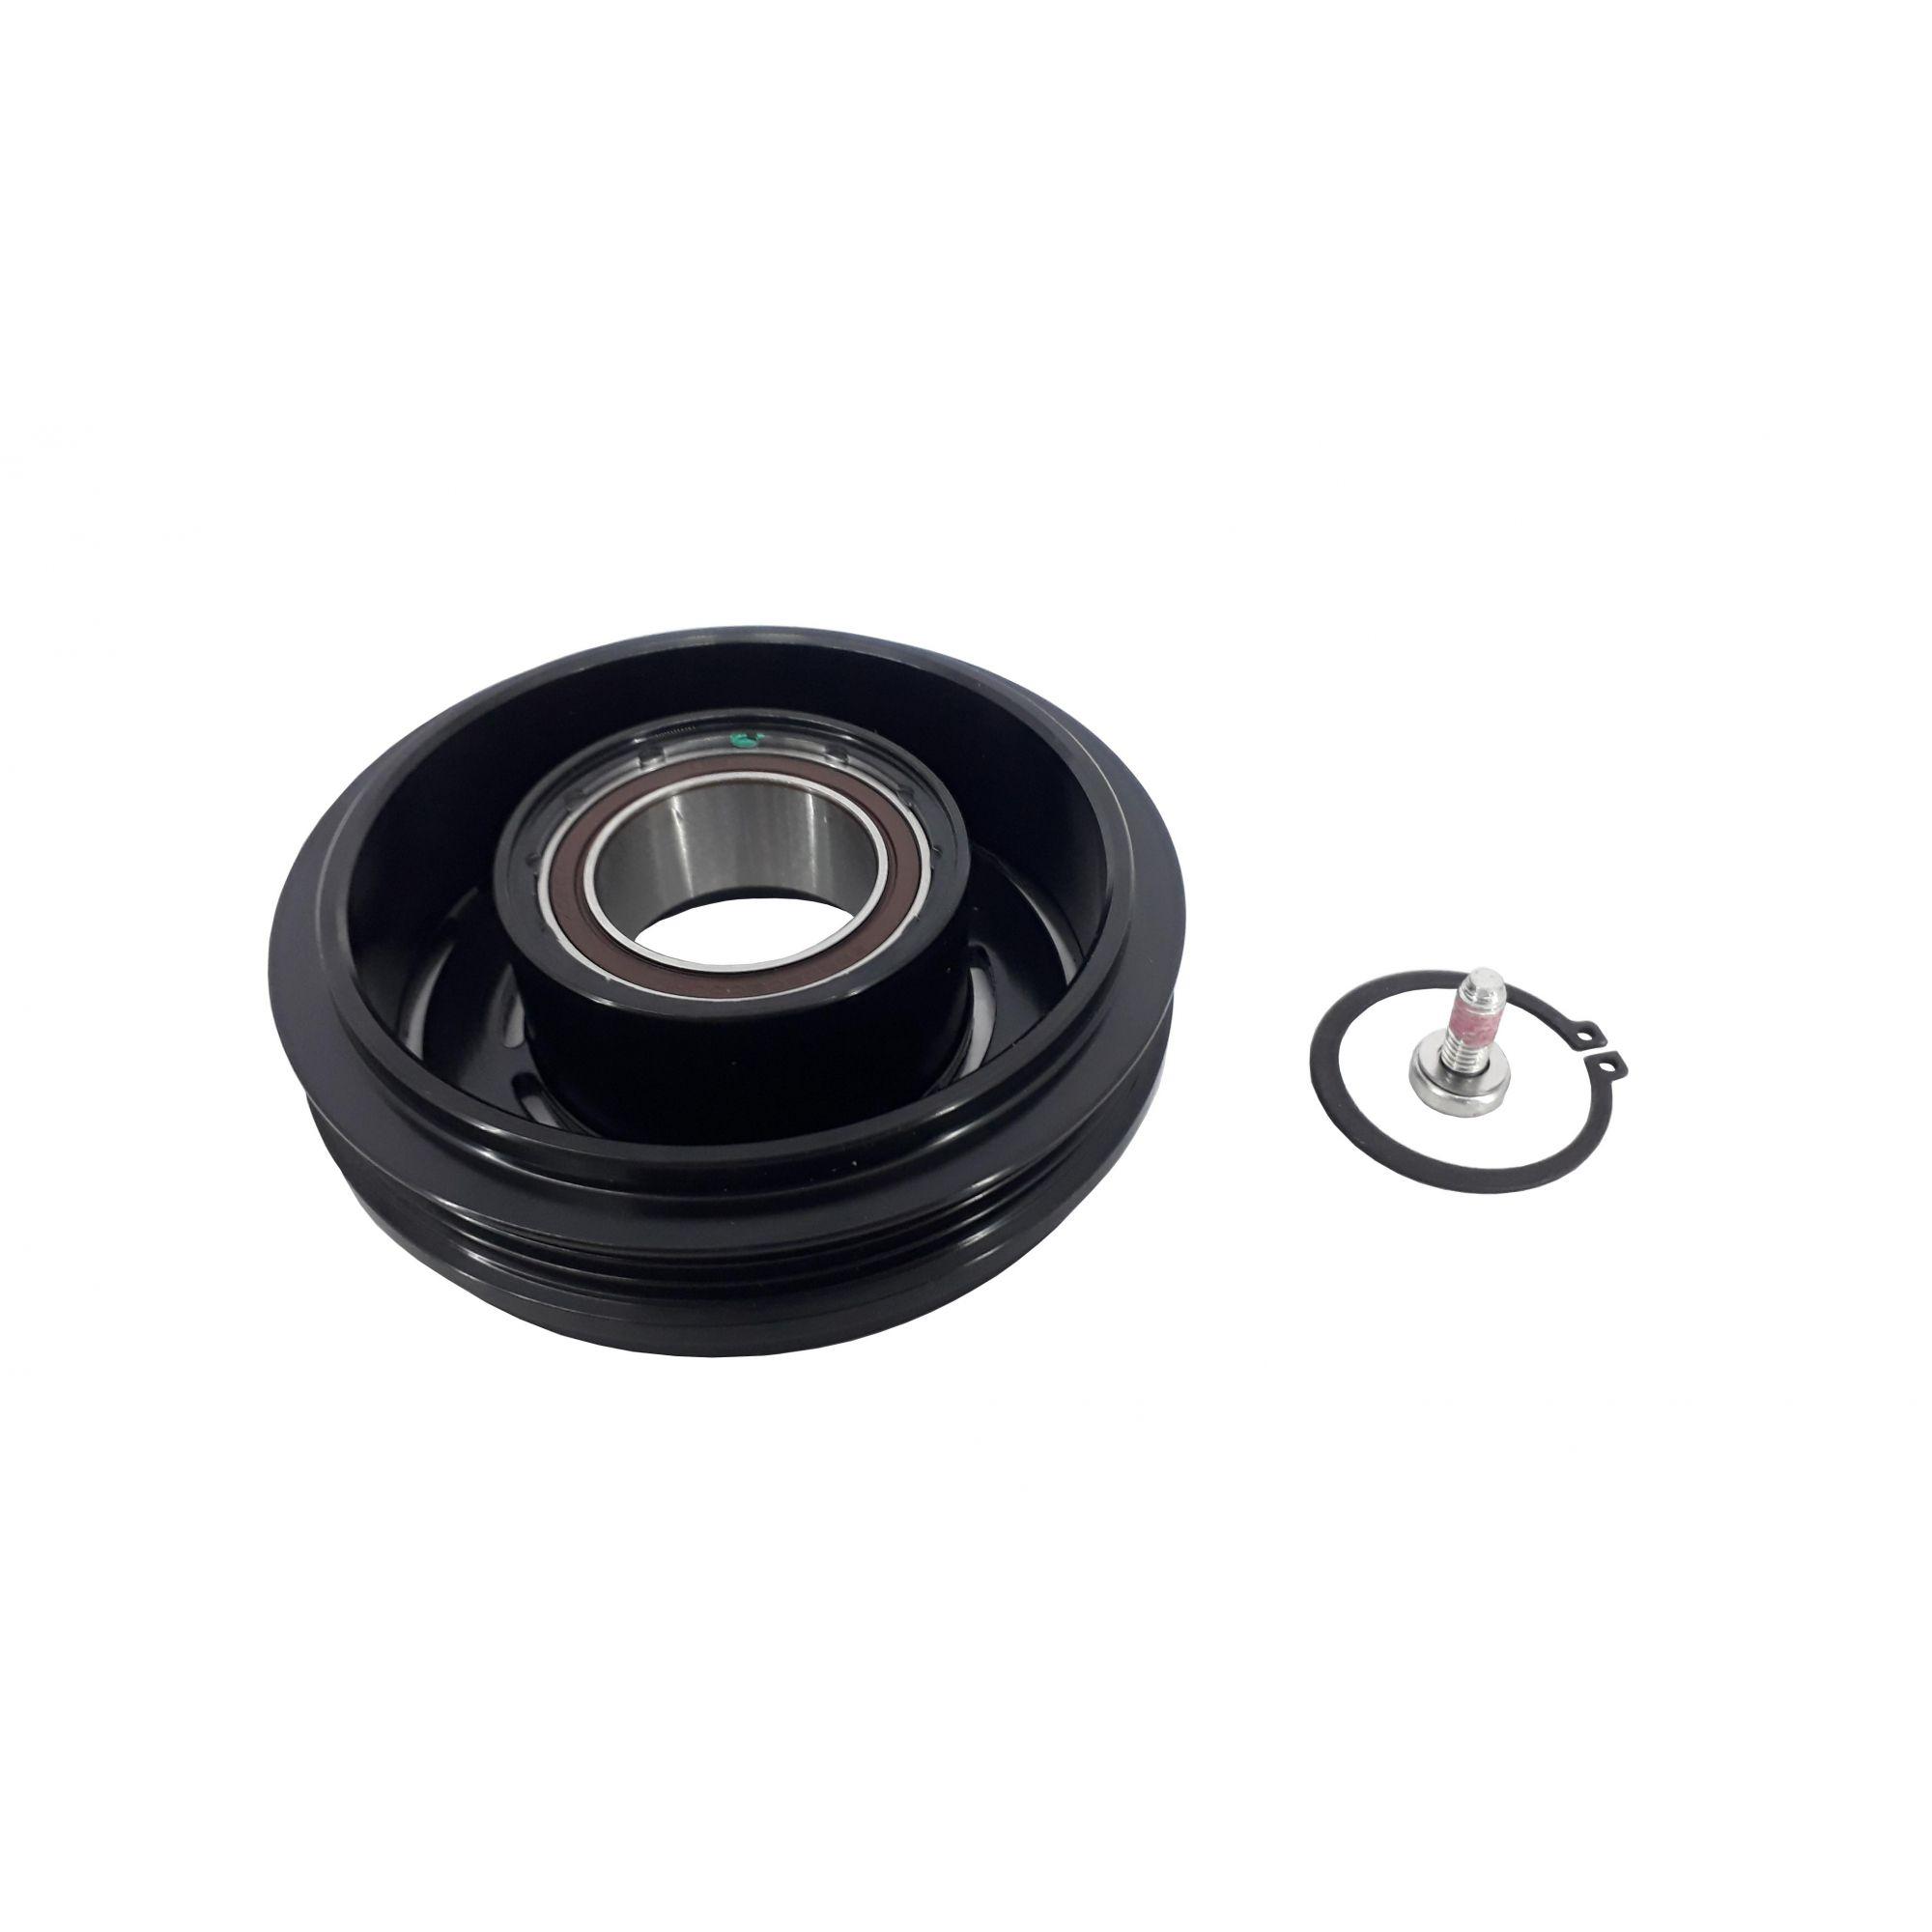 Polia e Rolamento compressor Fox / Gol Novo G5 G6 - MAHLE Original